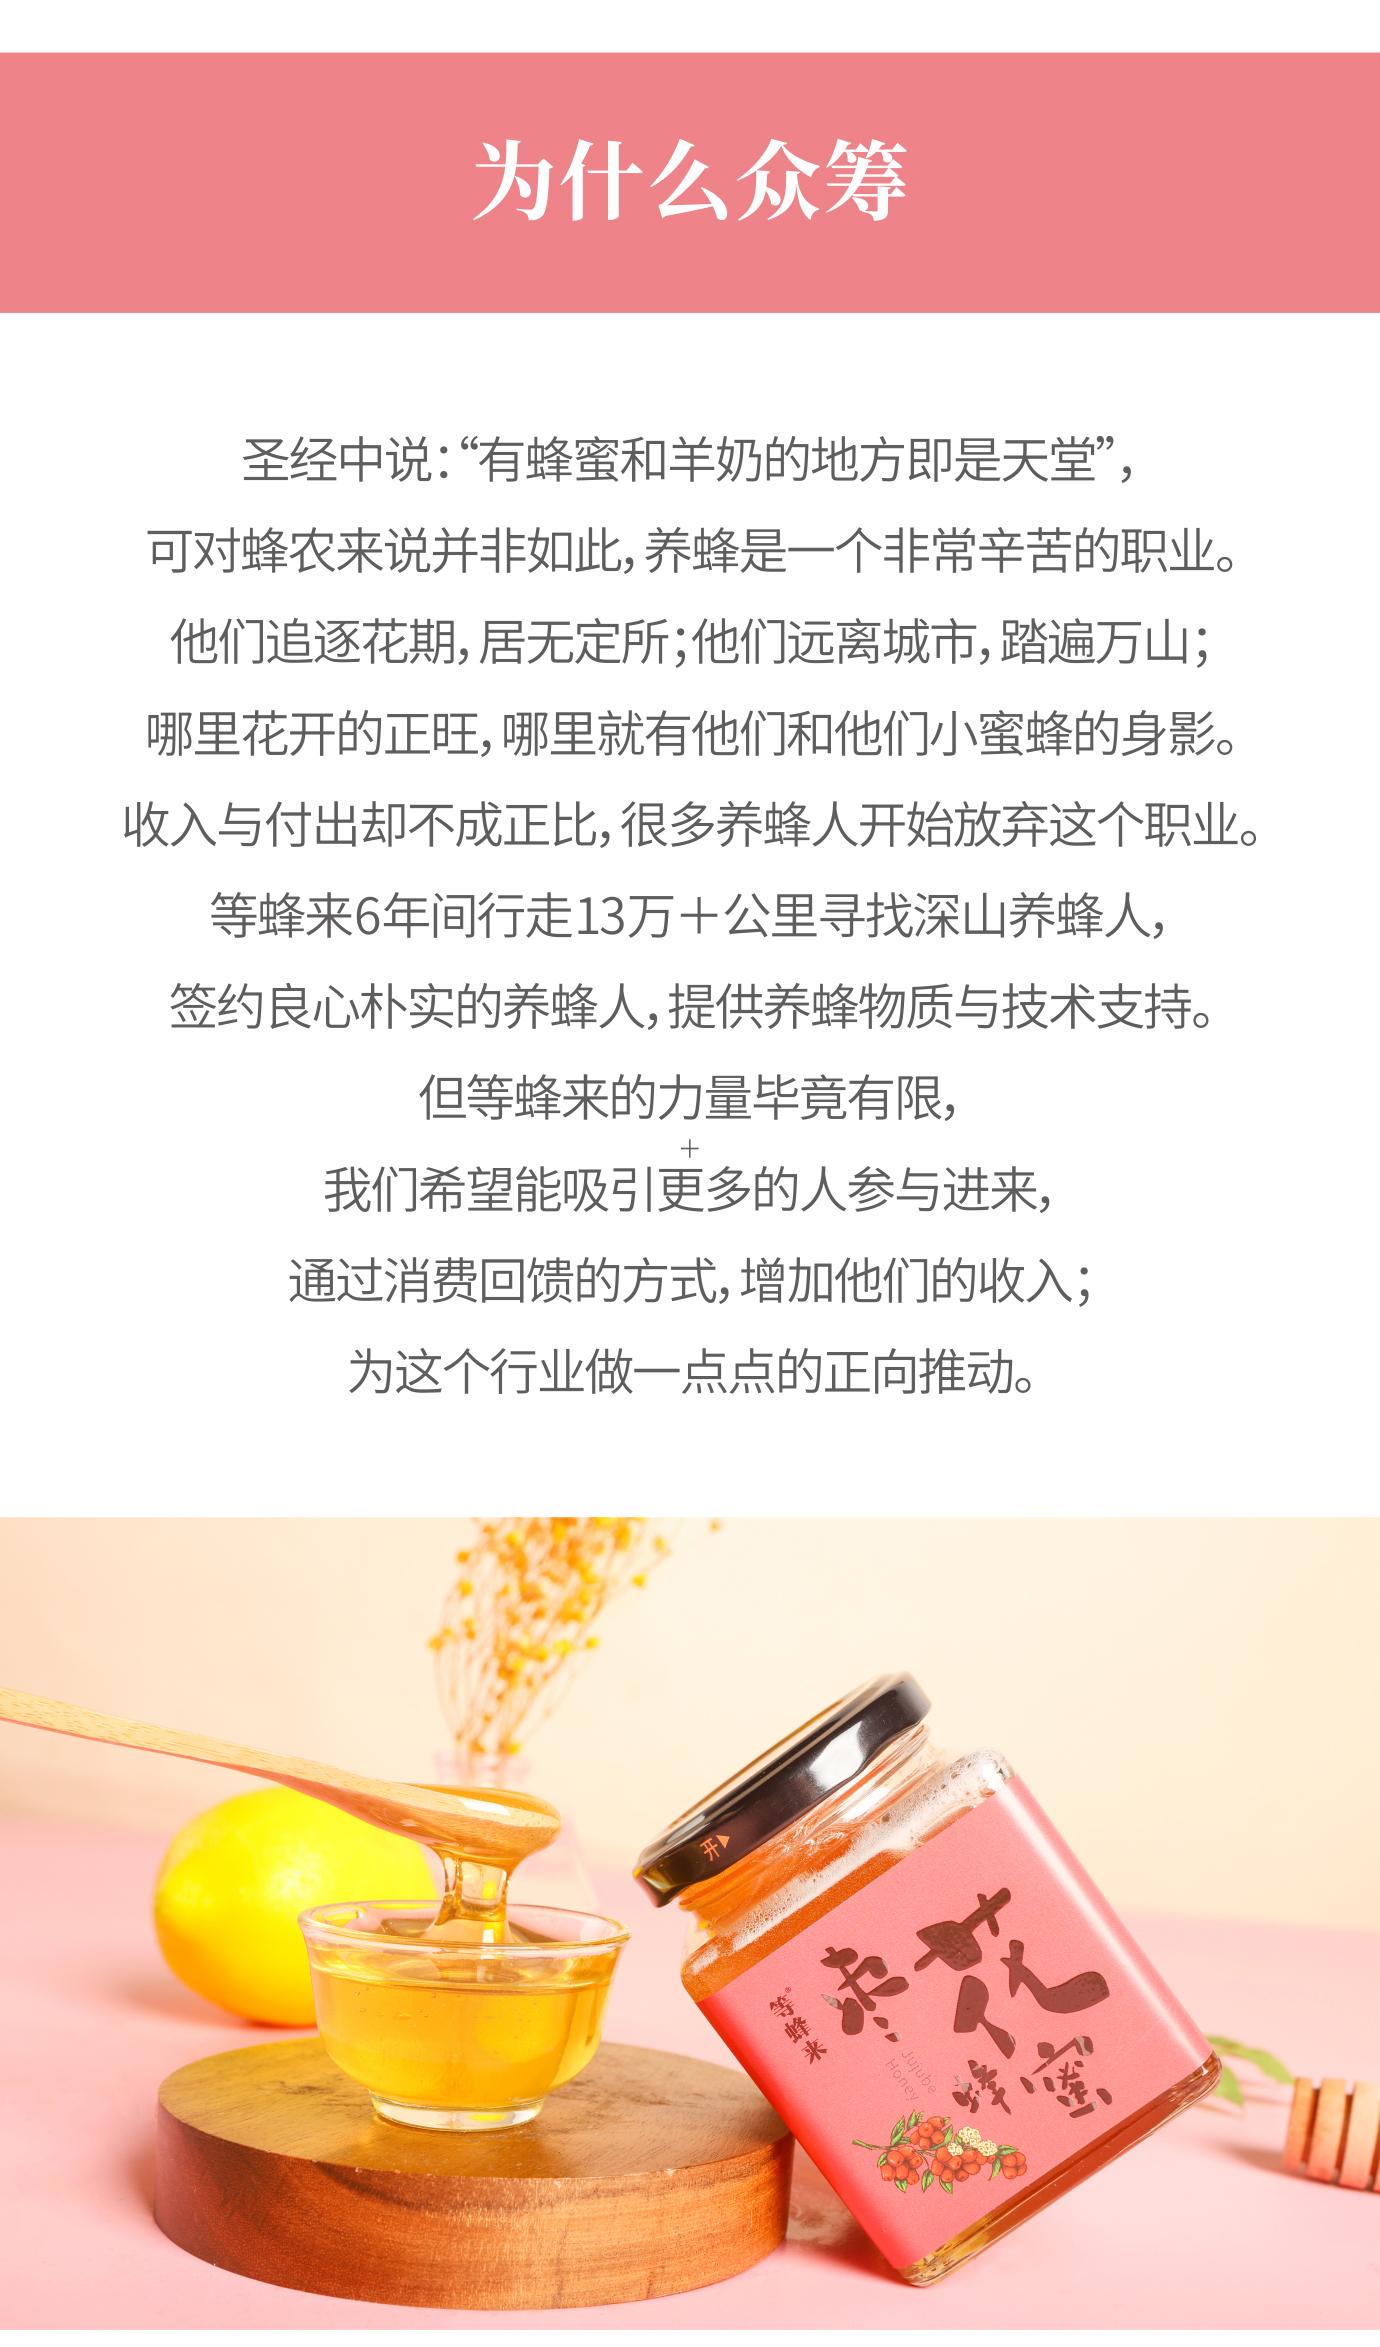 枣花蜜2_07.jpg